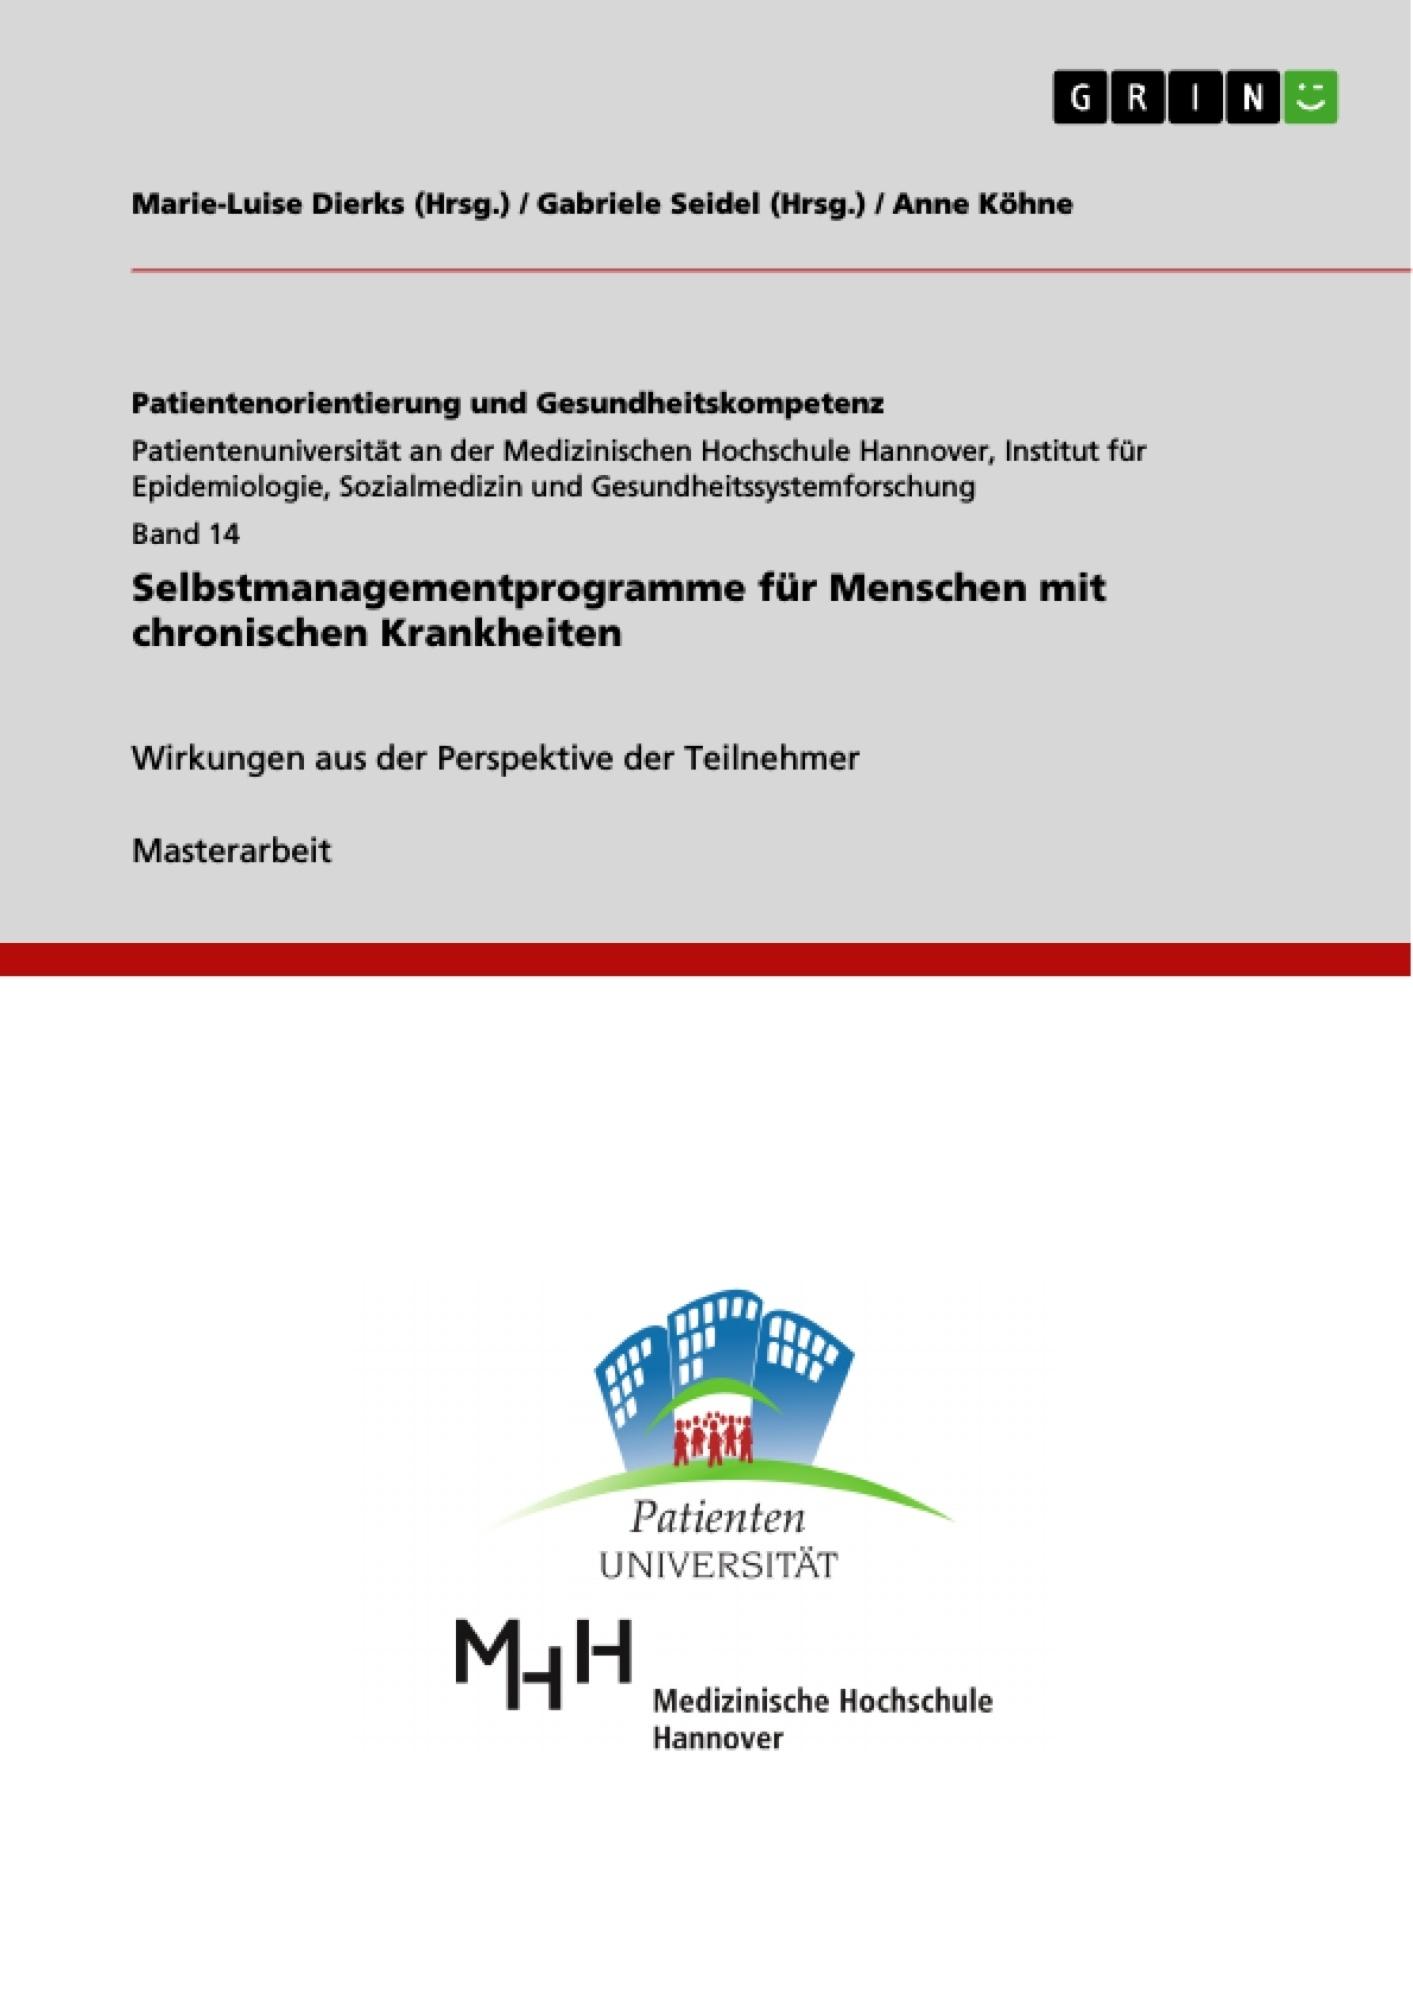 Titel: Selbstmanagementprogramme für Menschen mit chronischen Krankheiten